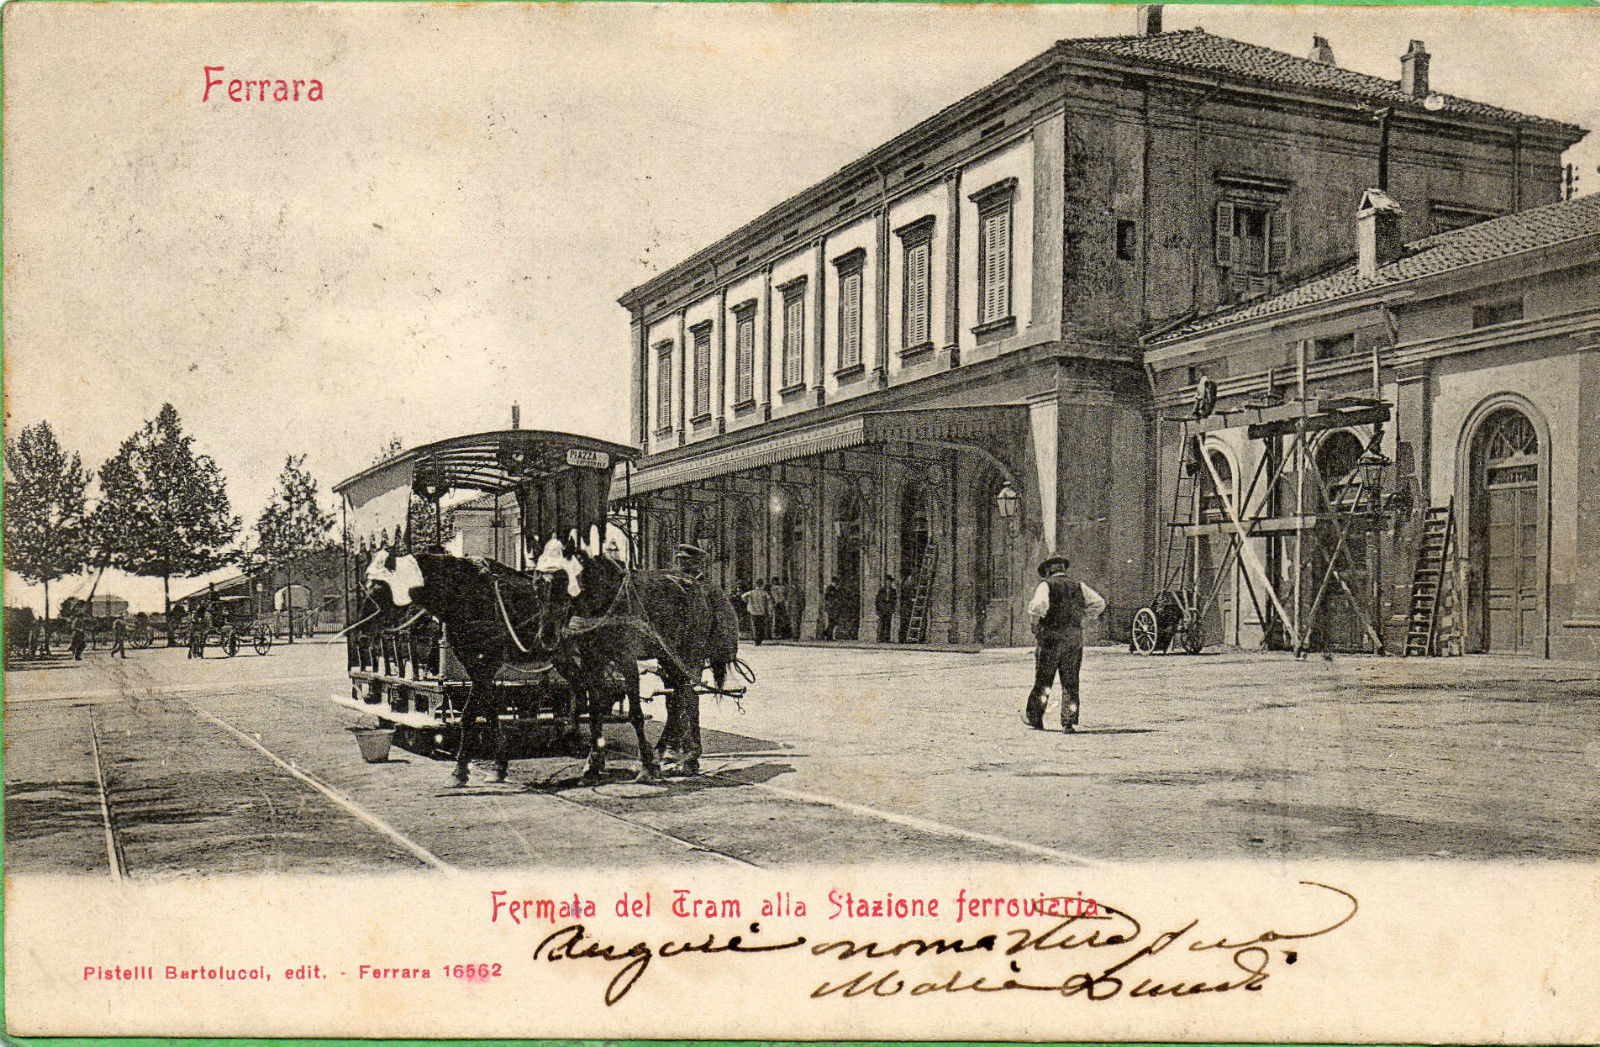 Fermata del tram alla stazione ferroviaria